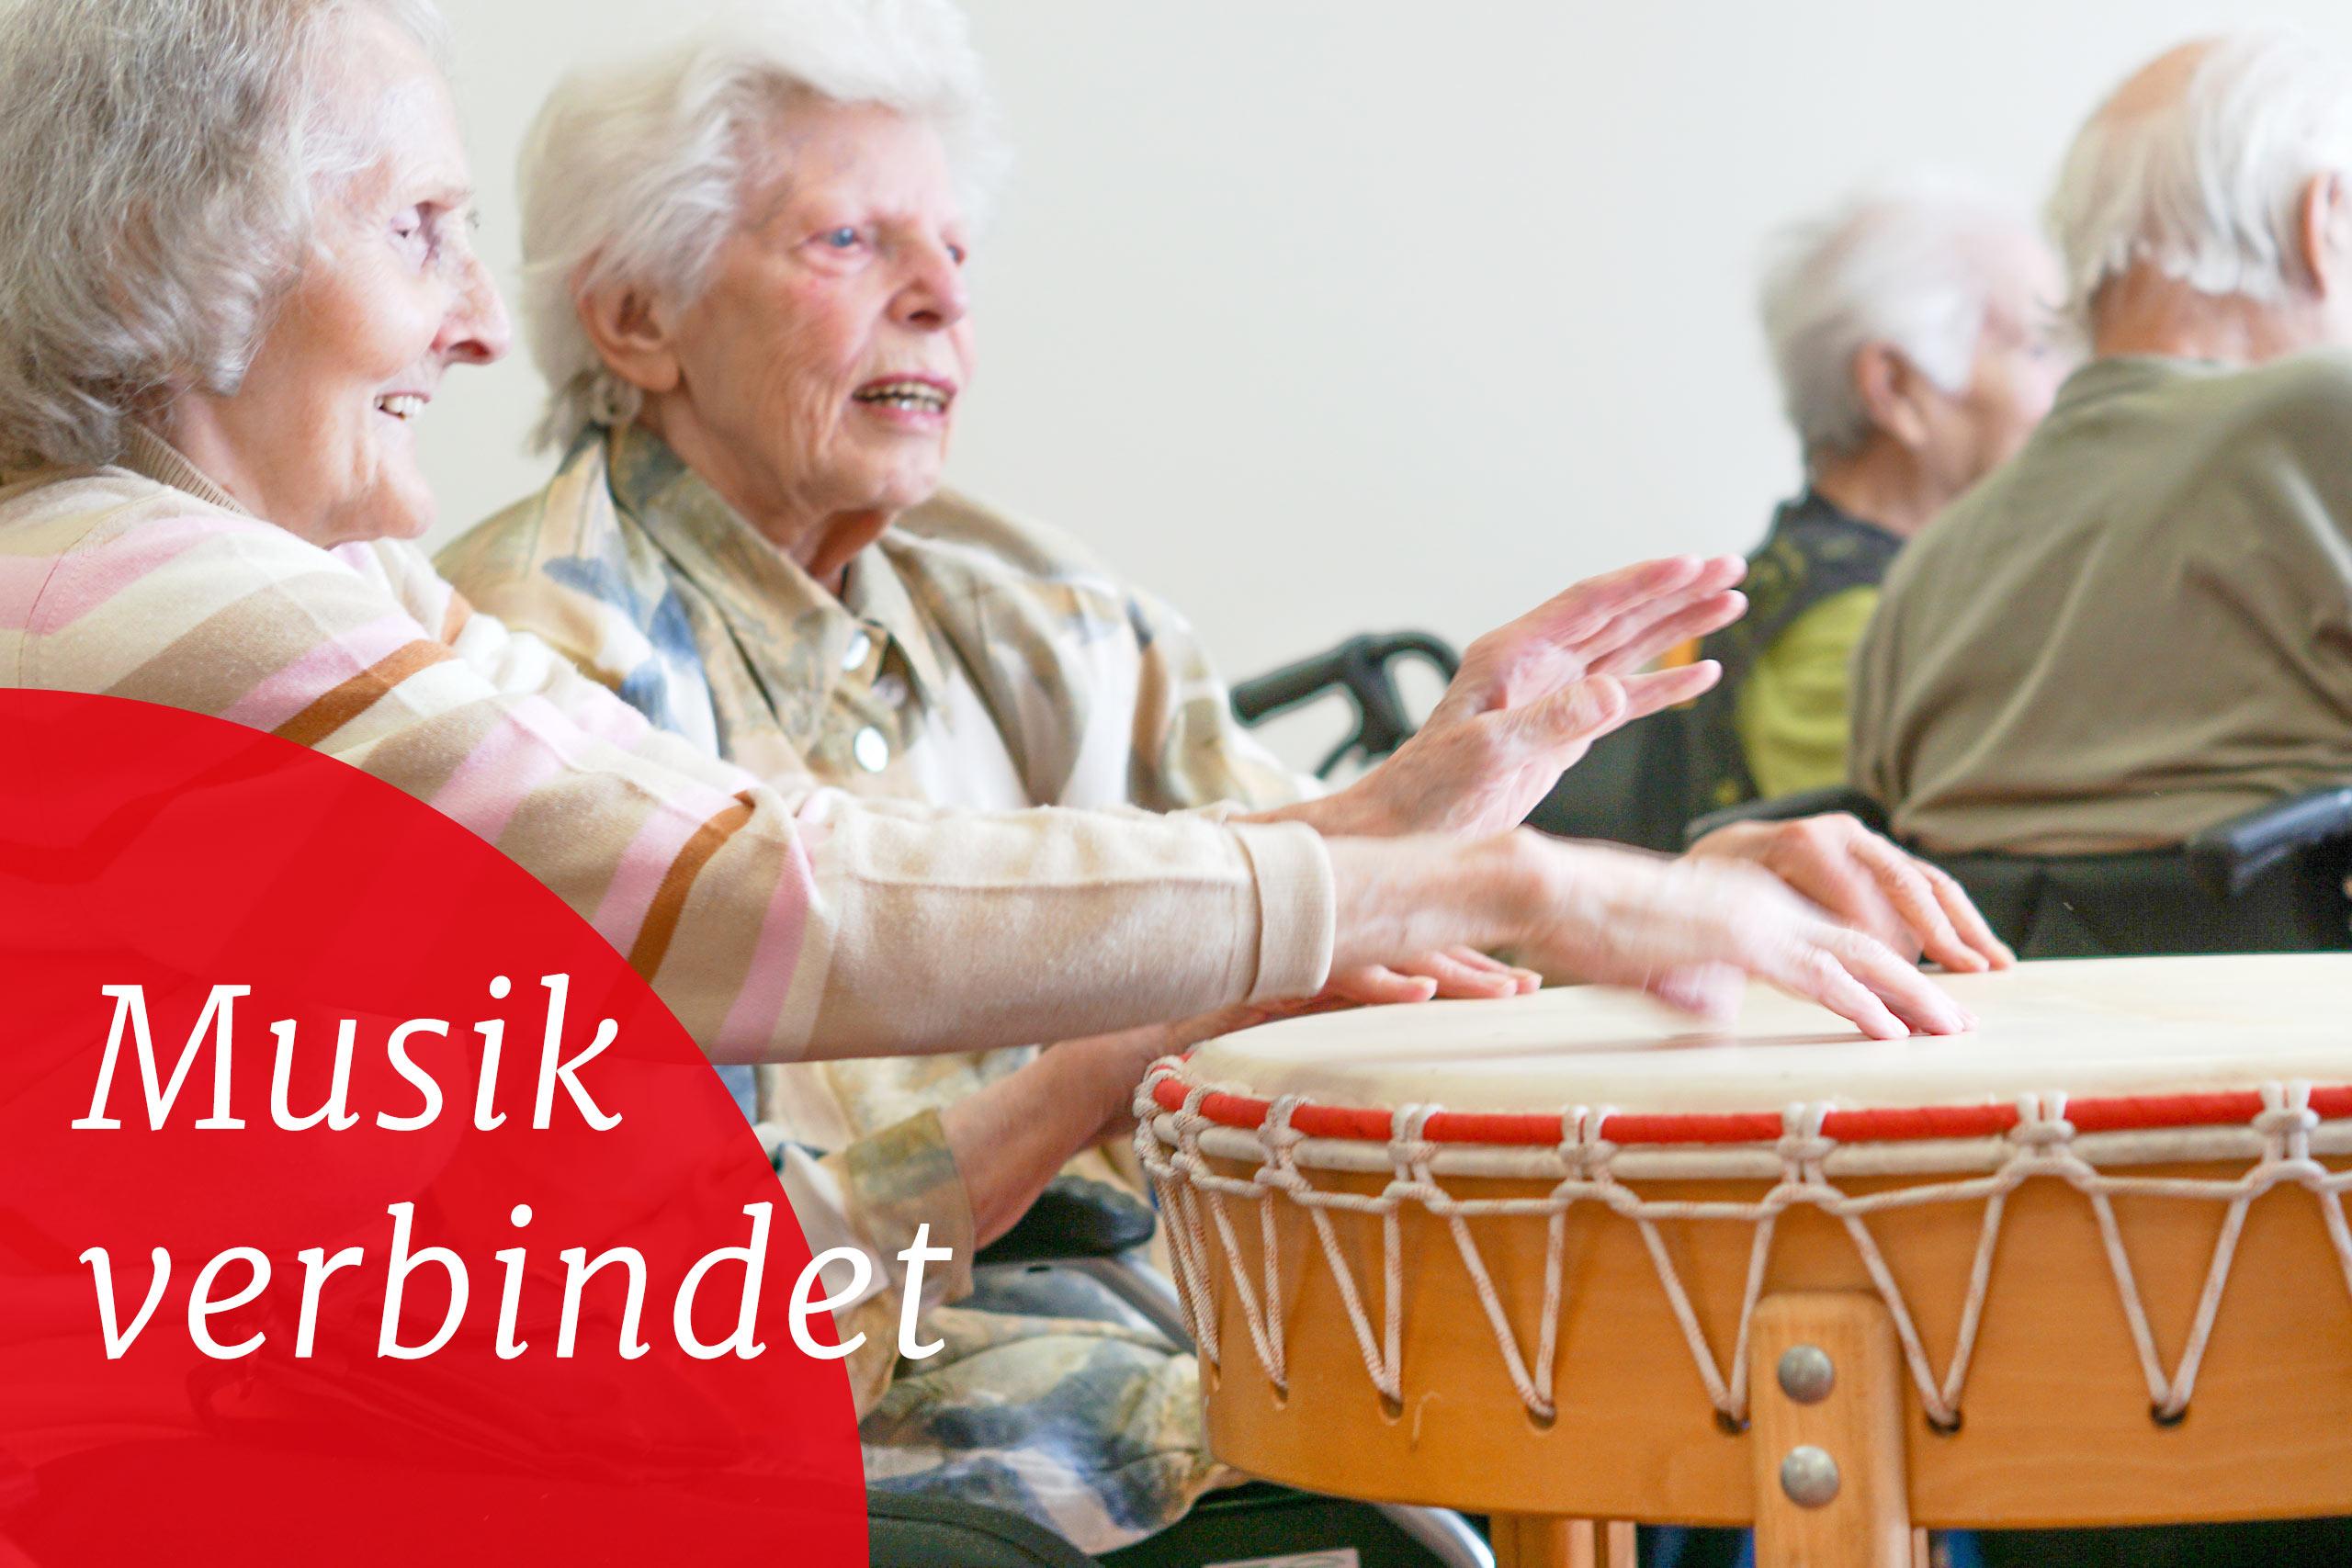 tischtrommel-allton-wir-sind-altenpflege